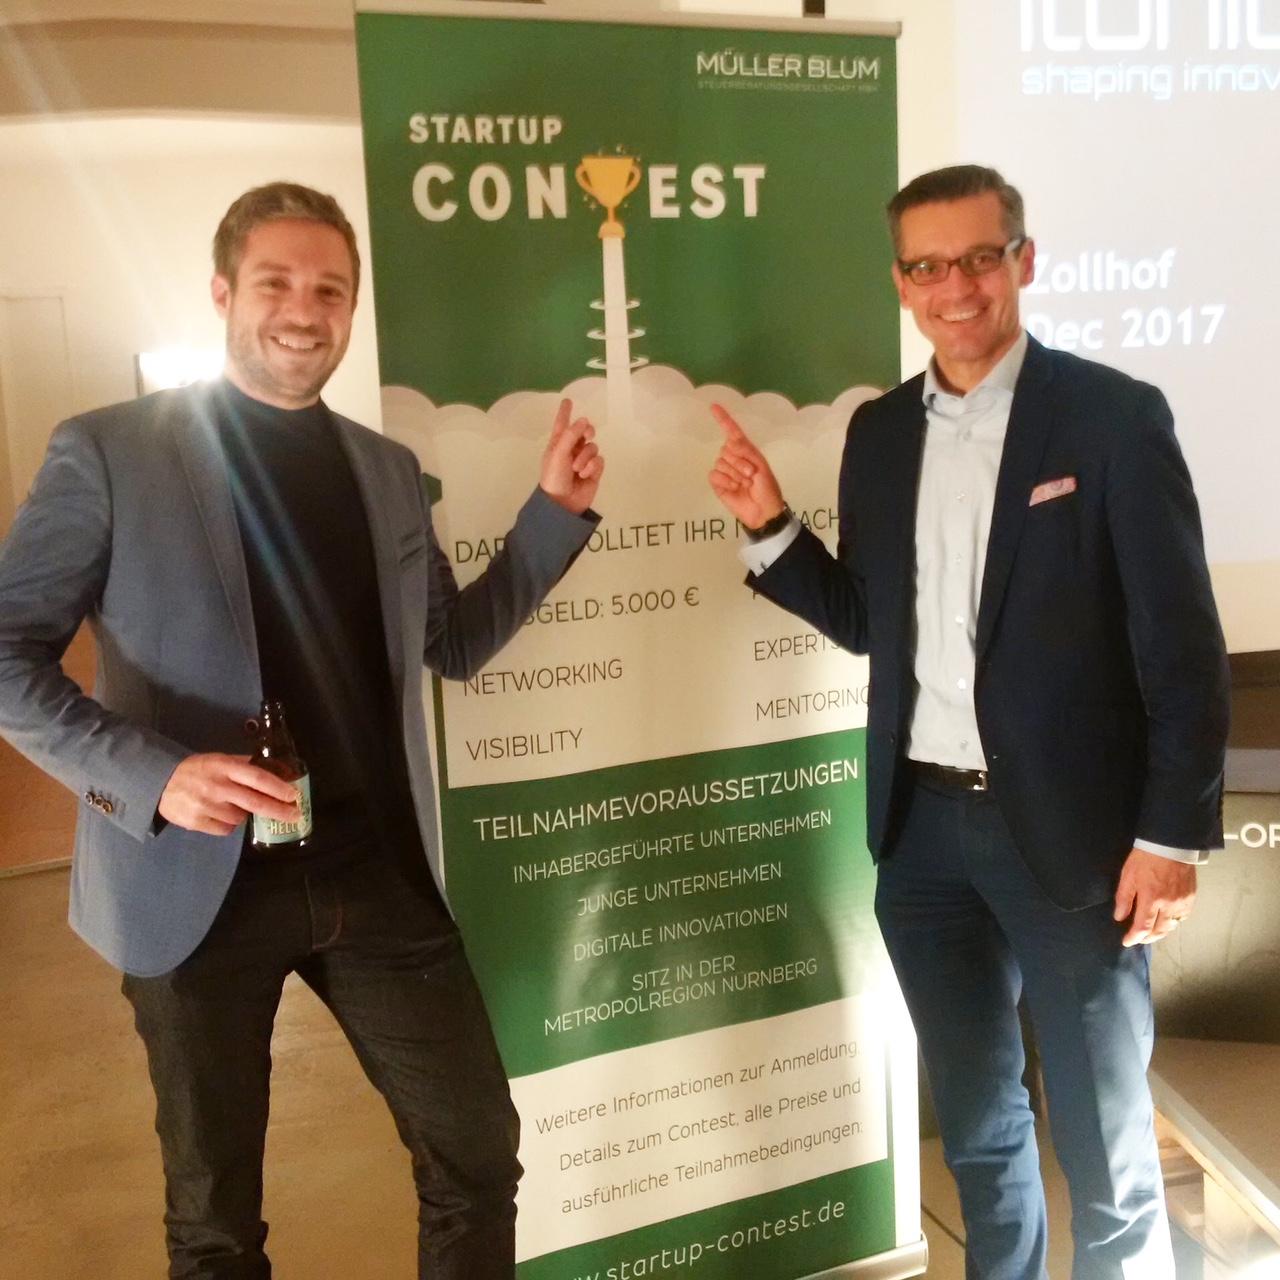 Herrn Dr. Fraas auch Dr. Michael Durst, Founder & CEO von der itonics GmbH